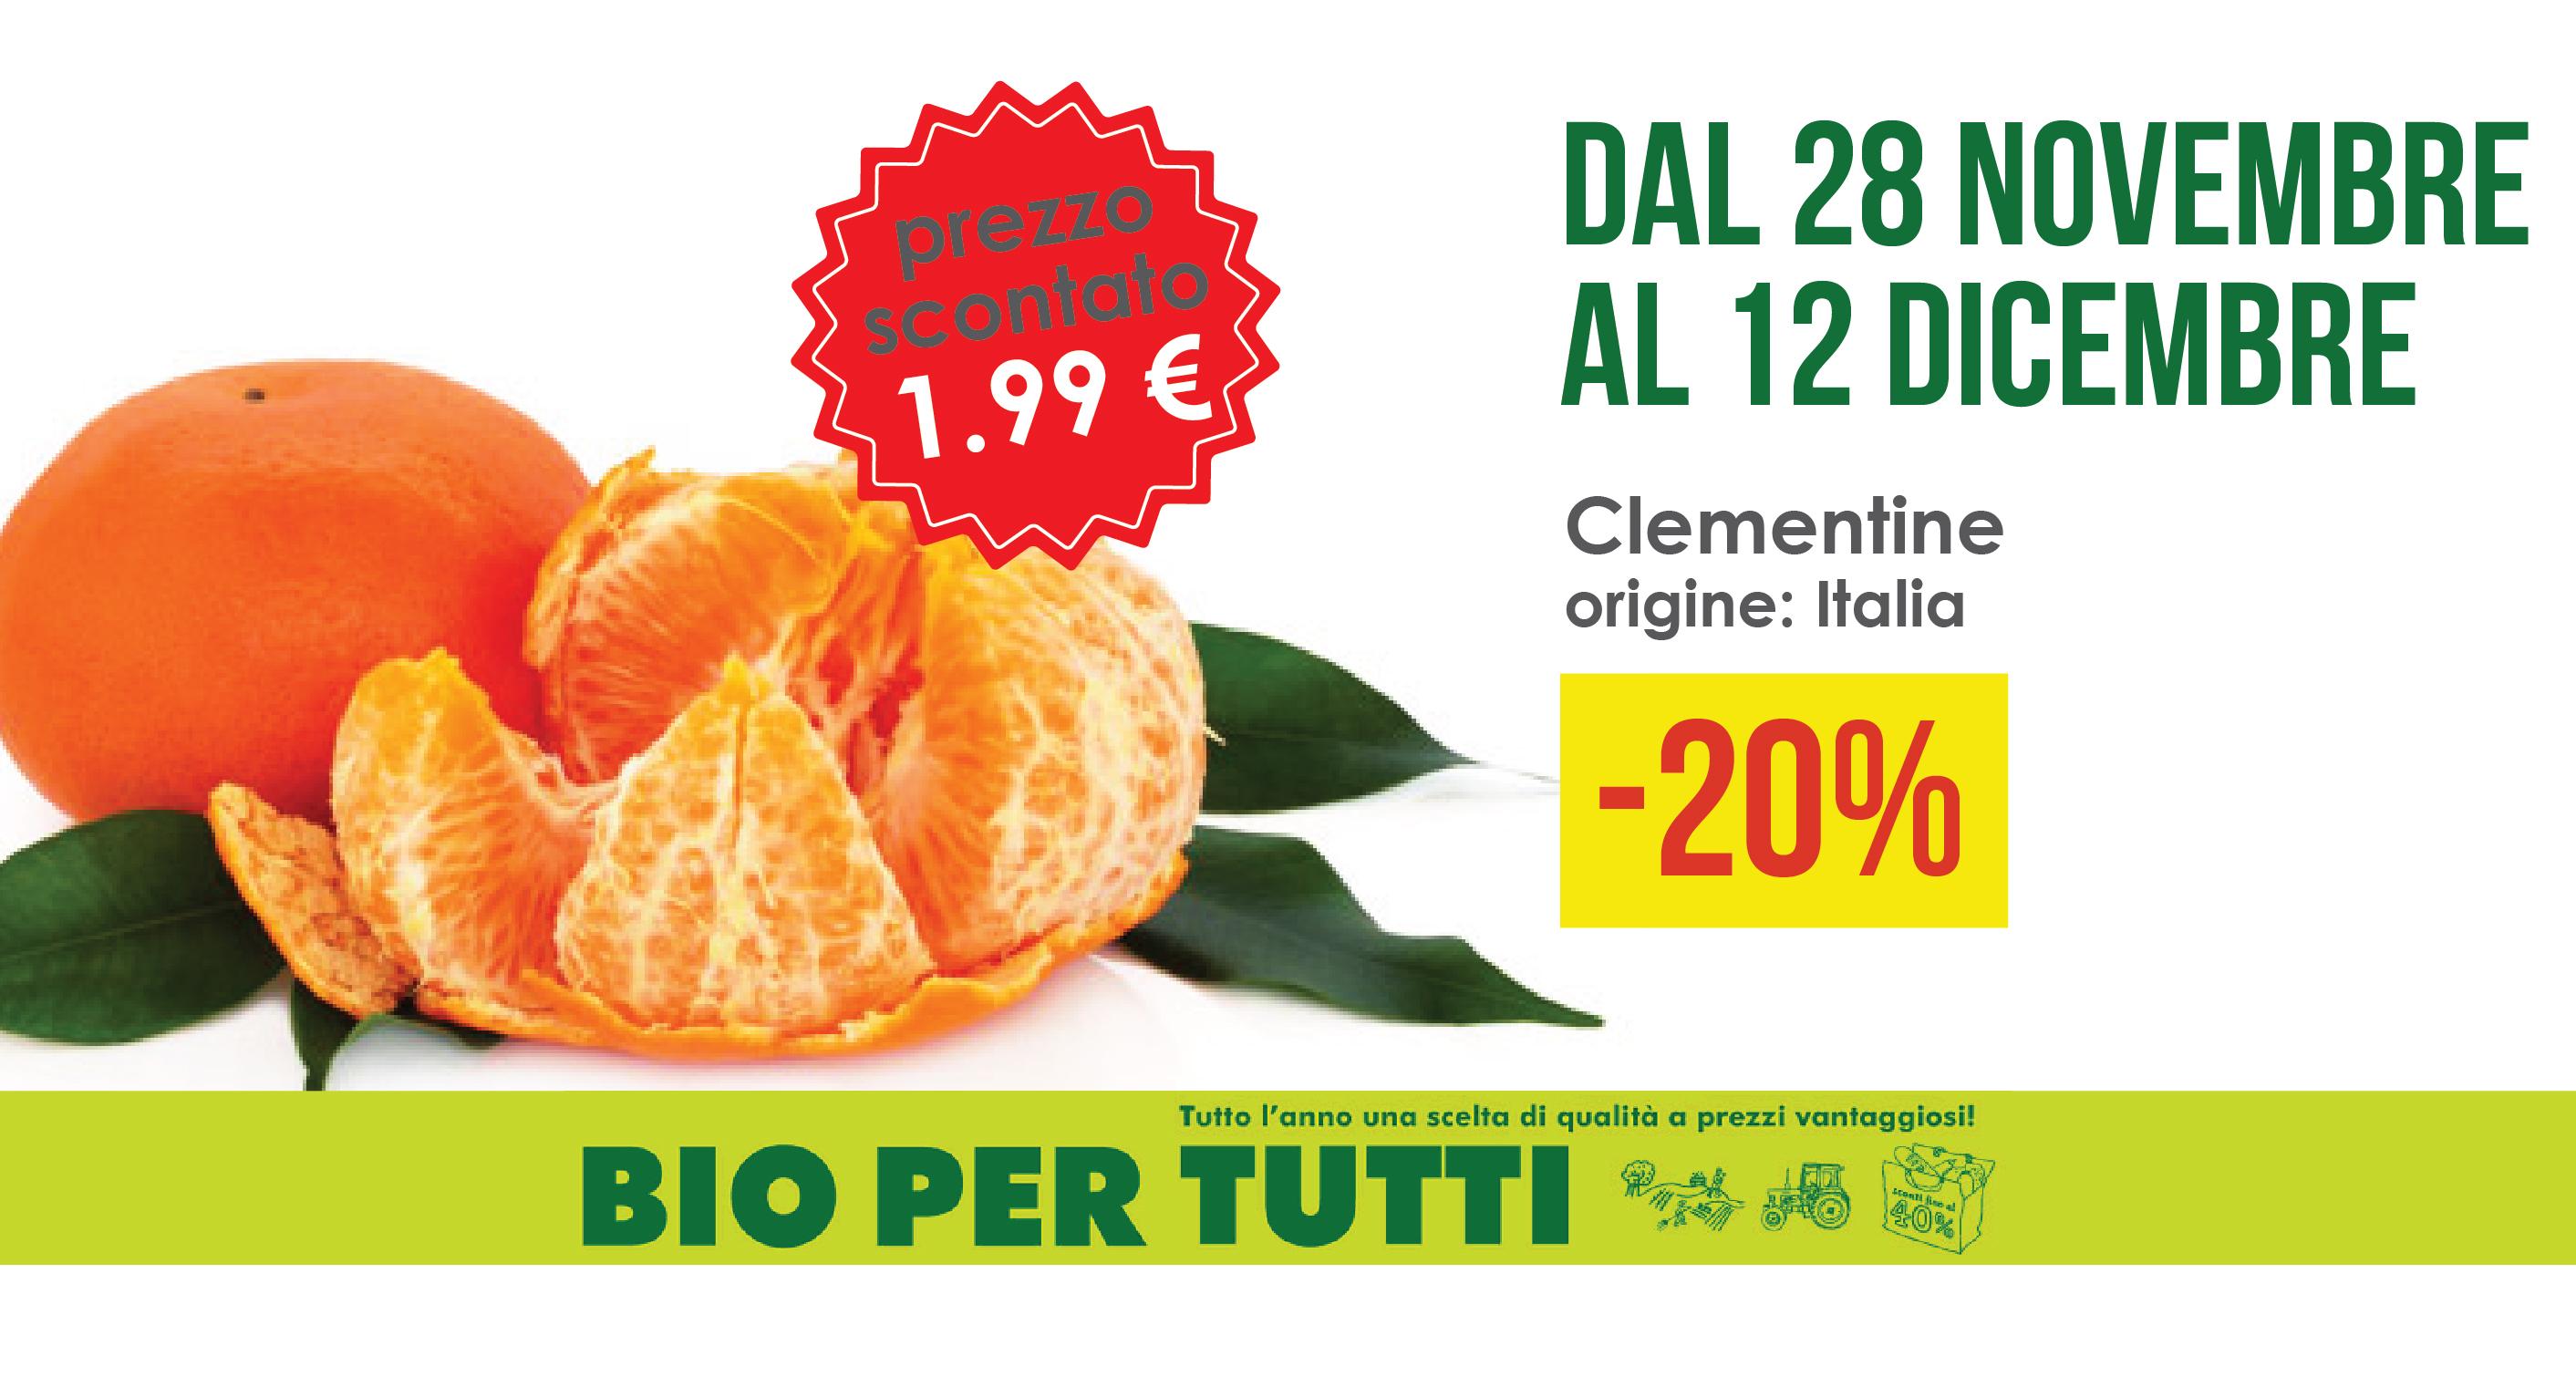 Offerte Bio Per Tutti Dal 28 Novembre Al 12 Dicembre: Clementine